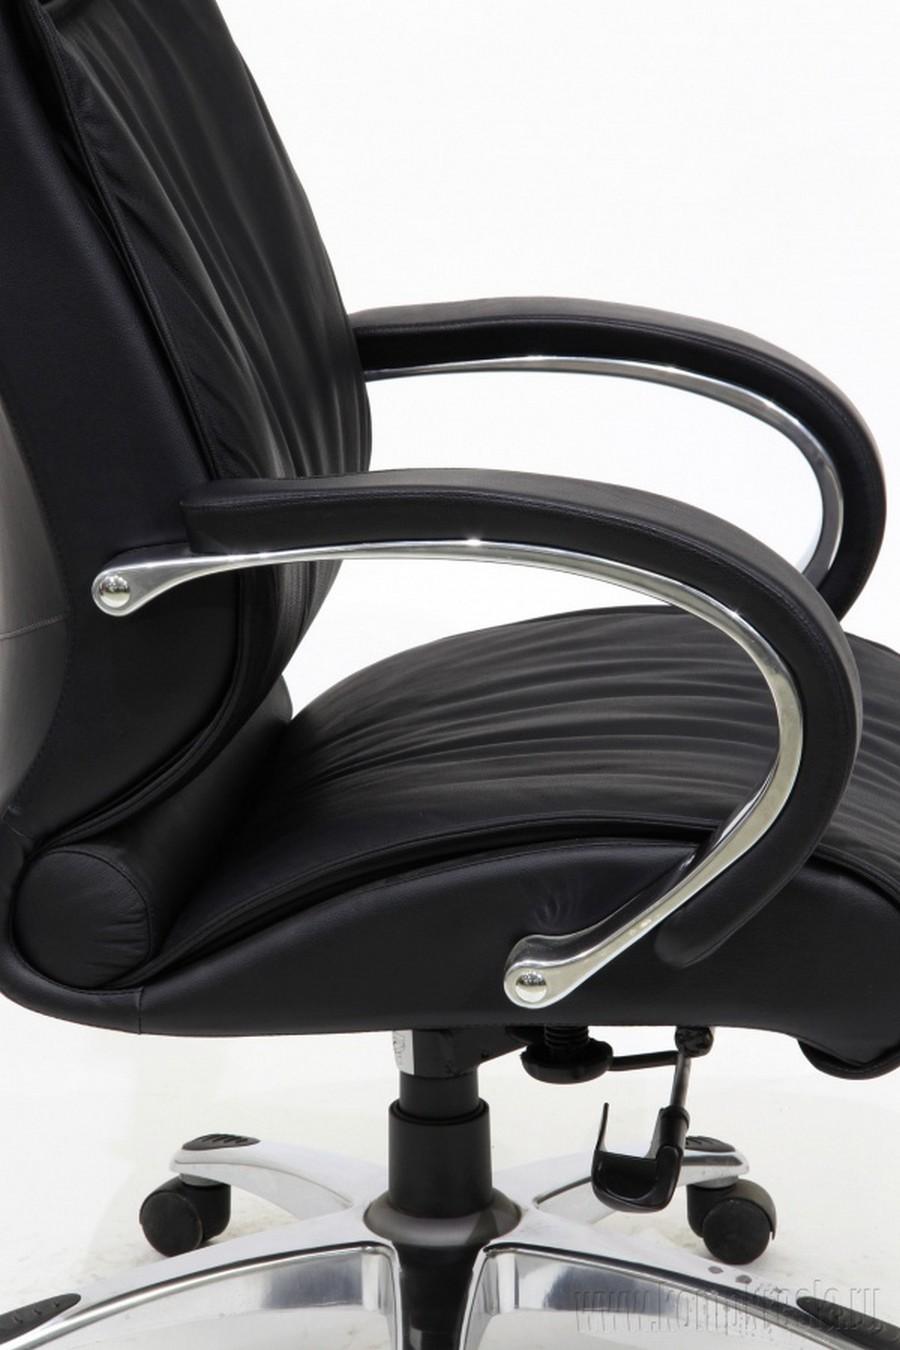 Выбираем компьютерное кресло - на что обратить внимание 5